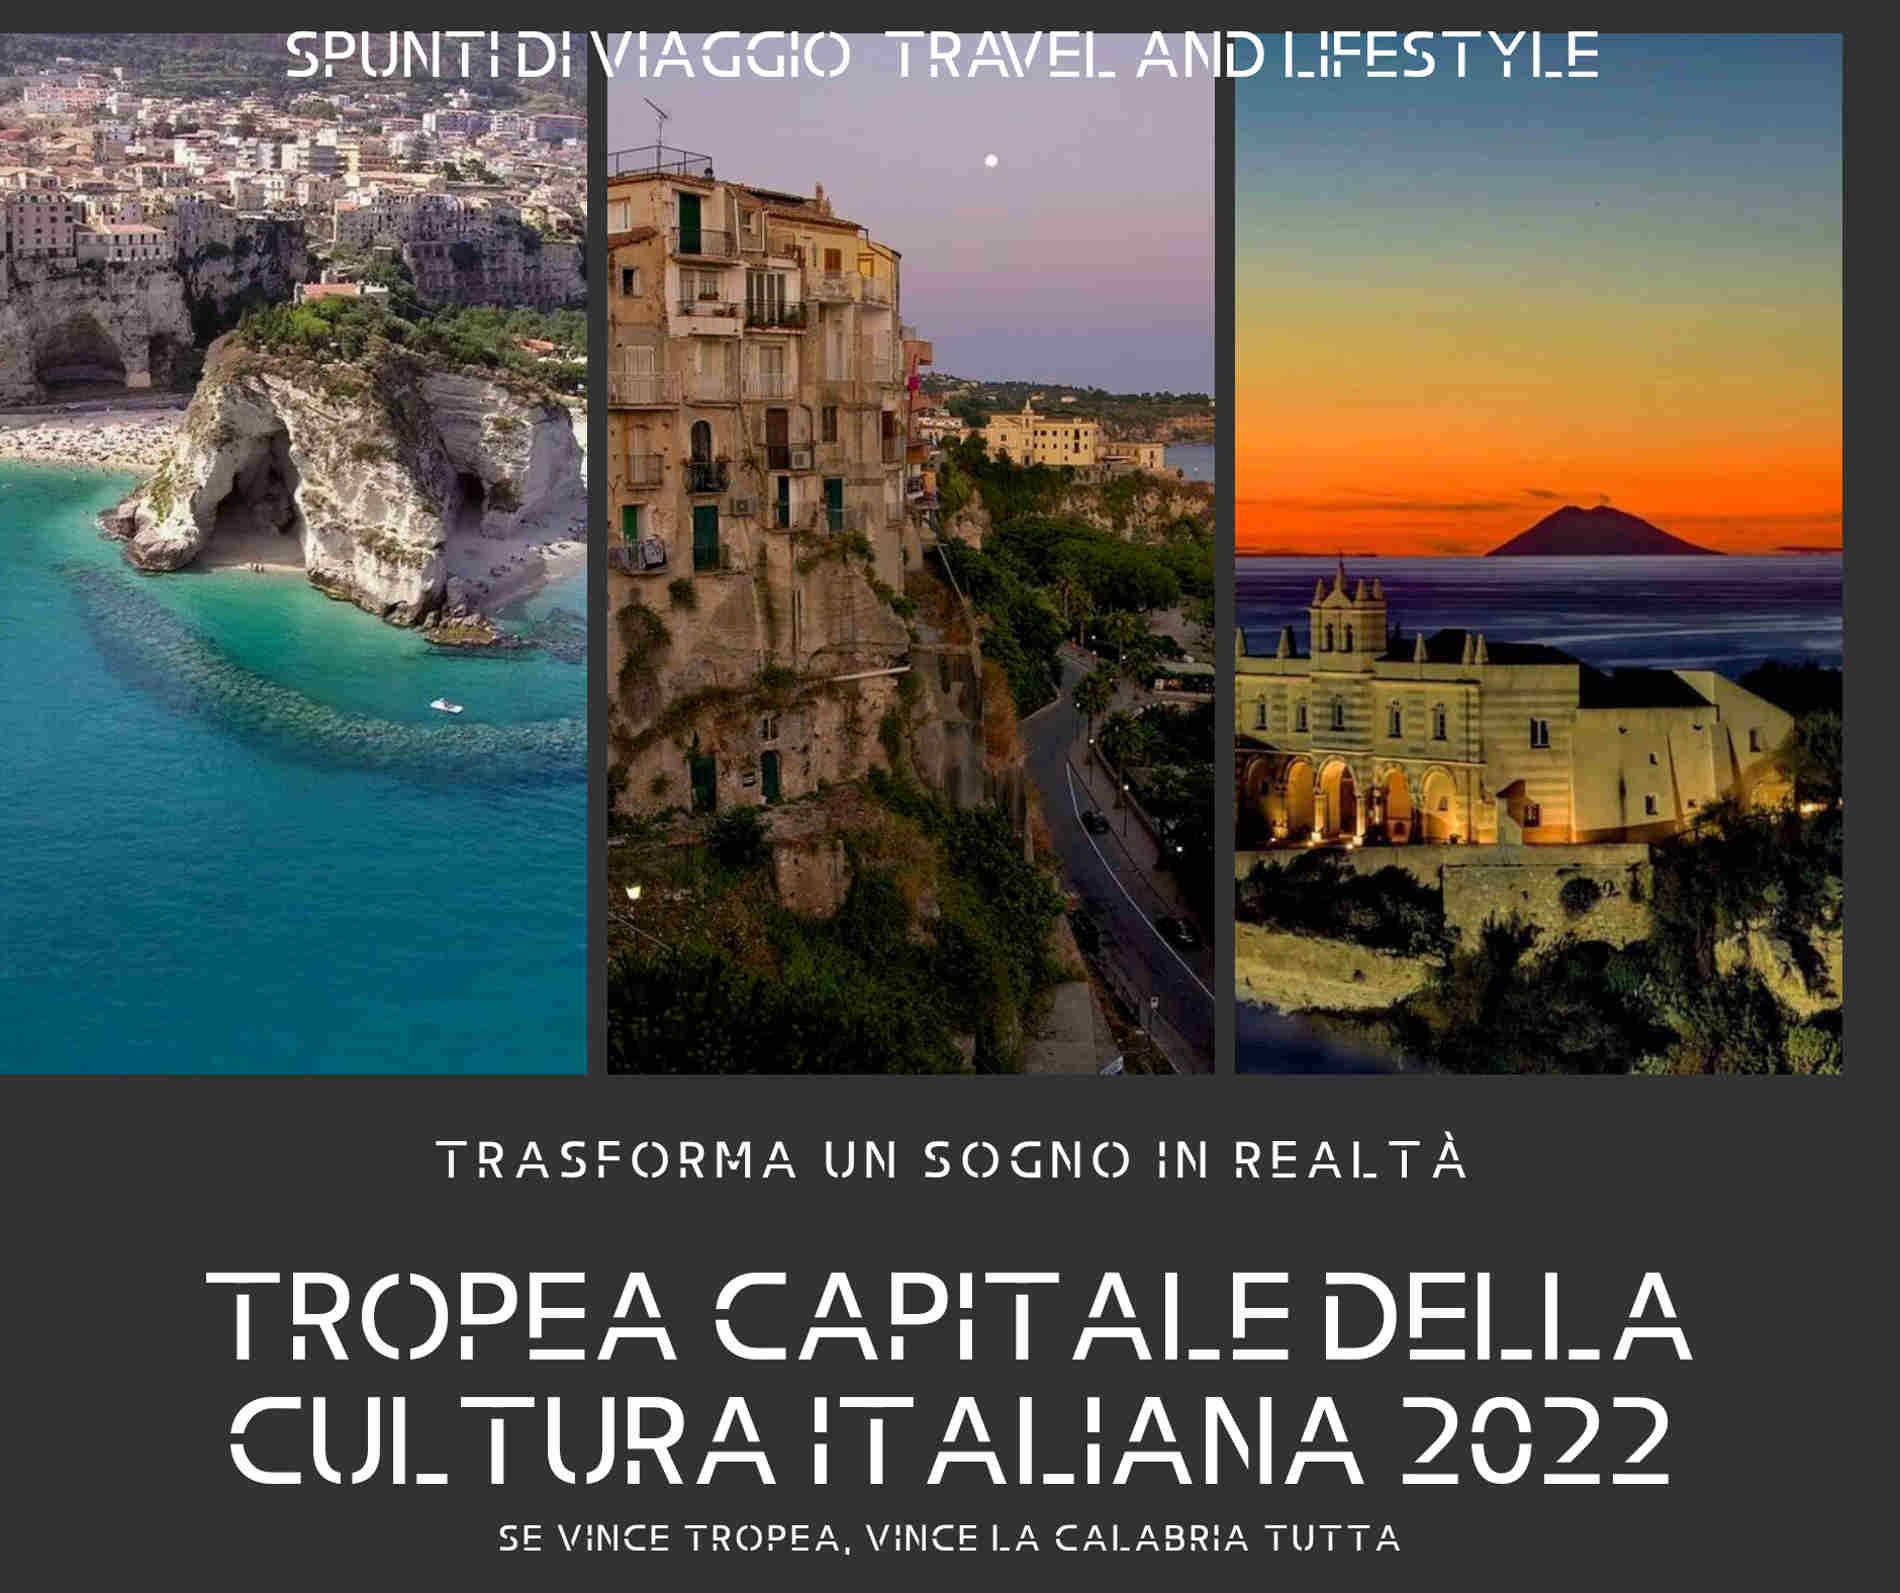 Tropea e dintorni manifesto della candidatura 2022 a capitale italiana della cultura spuntidiviaggio